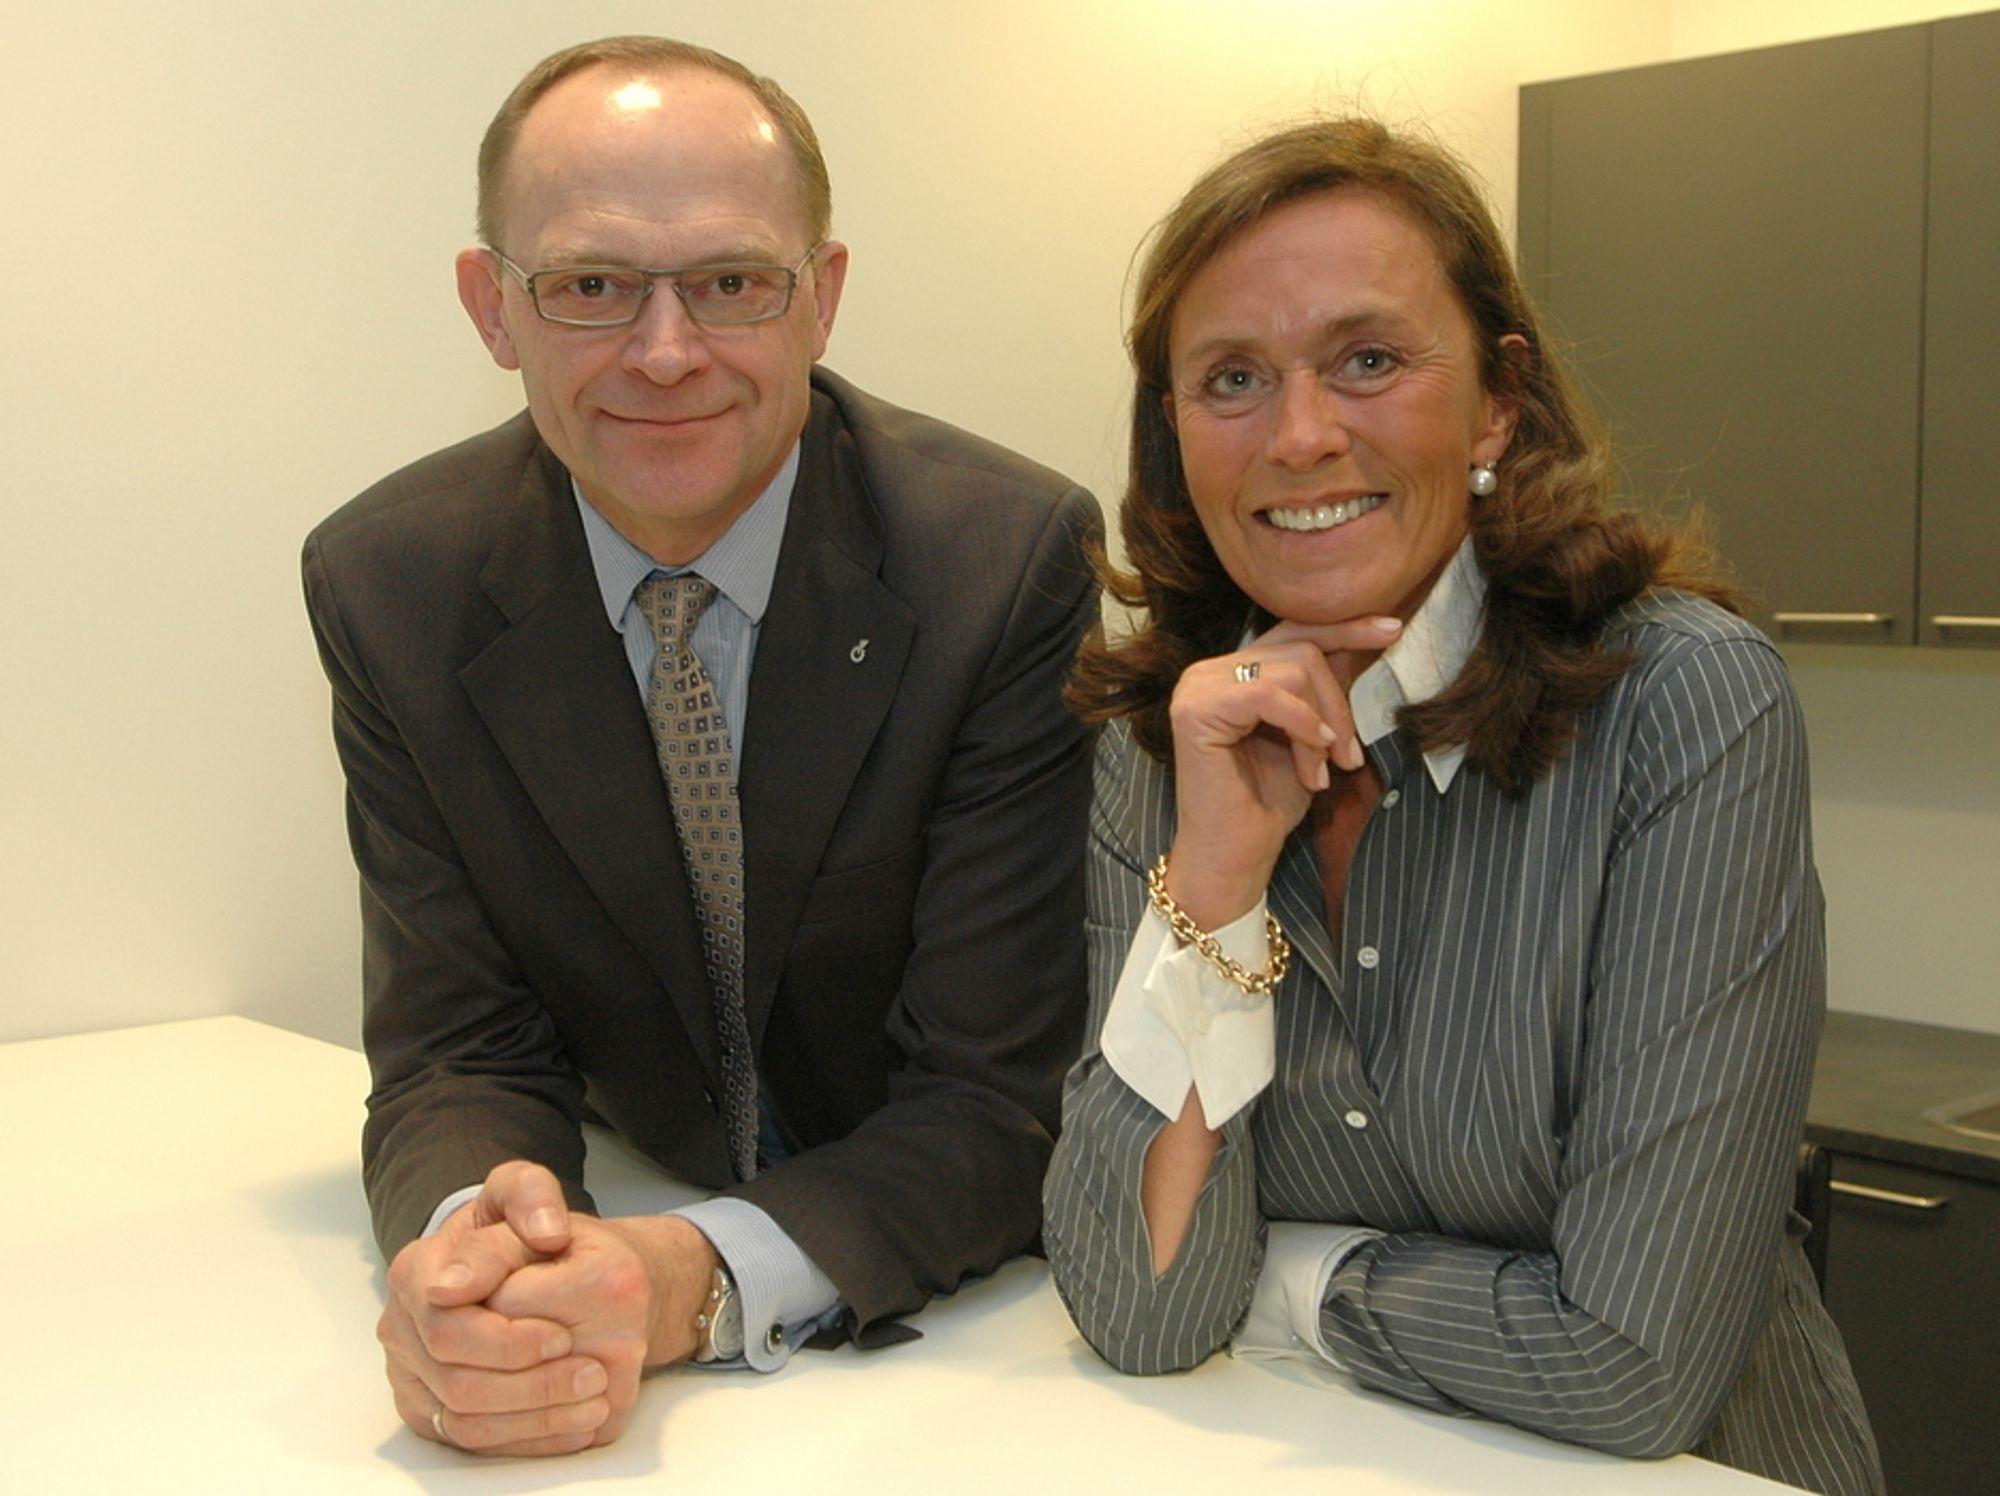 PÅ OPPKJØPSRAID: Flemmin Bligaard Pedersen og Beate W. Benzen fortsetter sine oppkjøp av norske rådgivende ingeniører. - Norge skal bli en sentral aktør for Rambøll-gruppen, sier de.